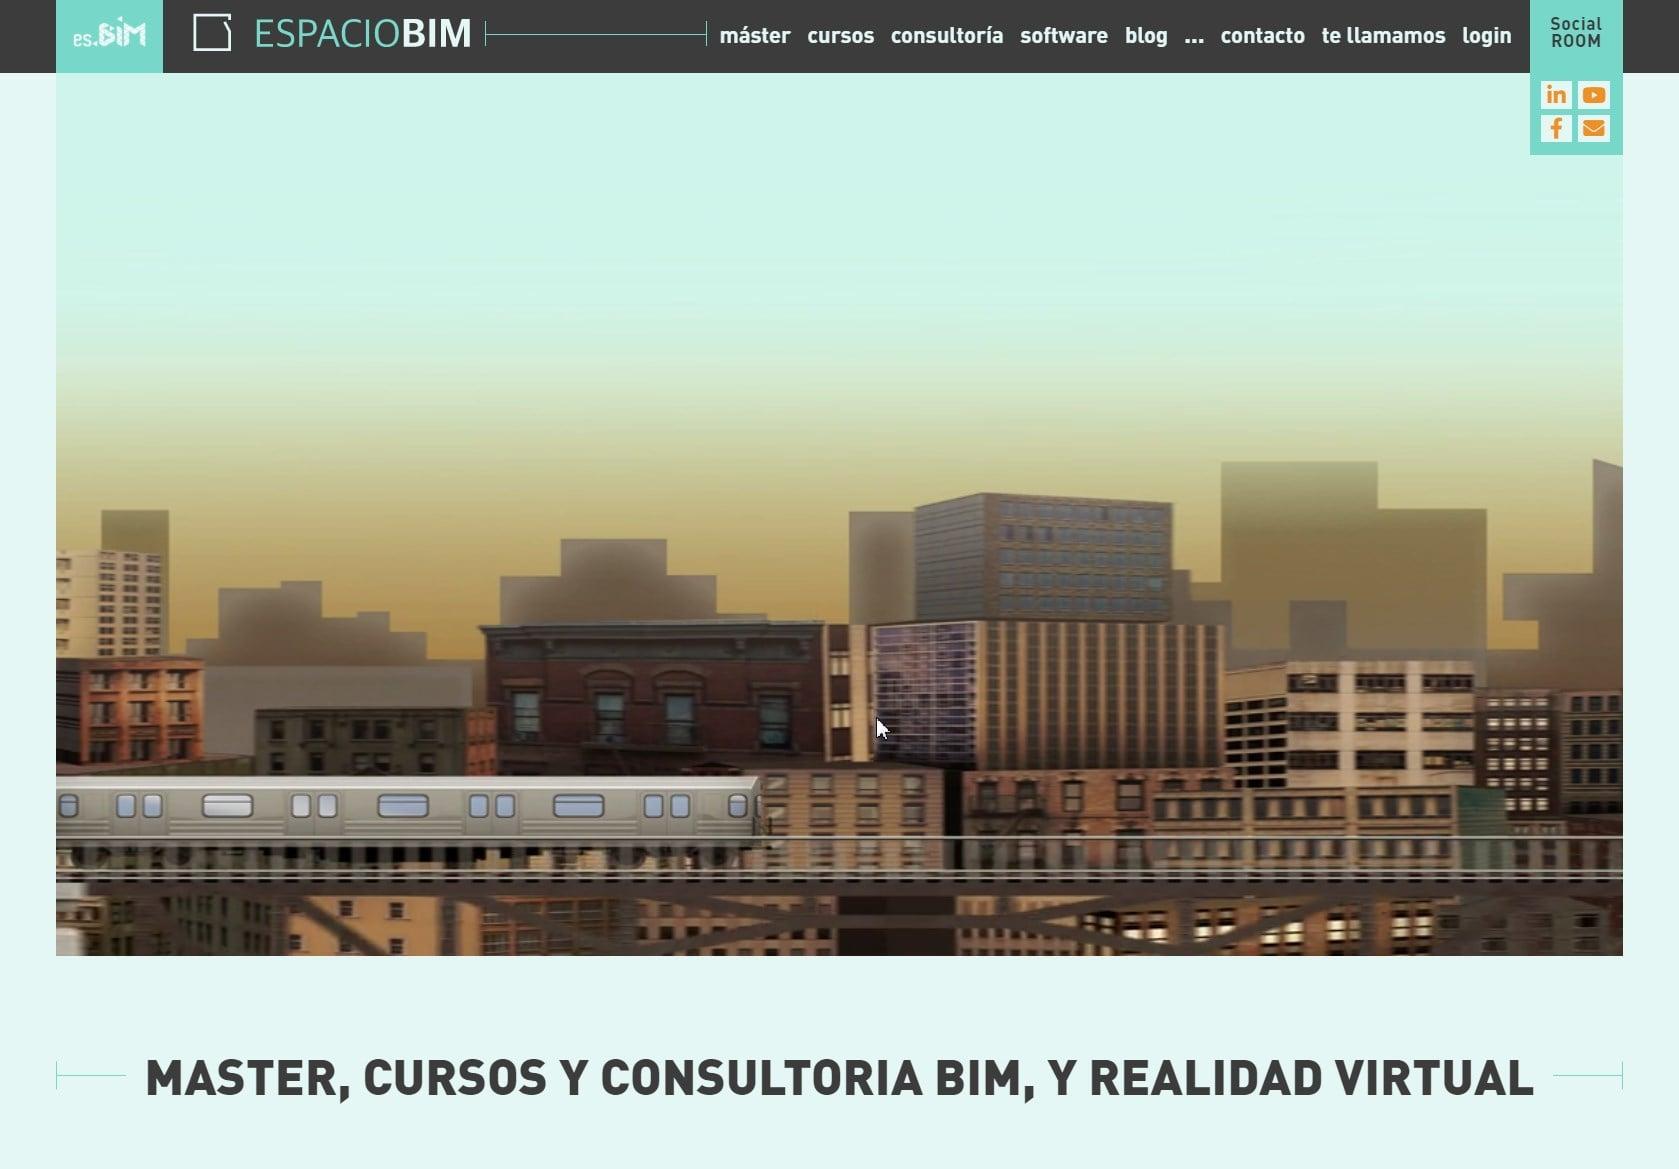 espacio_bim_cursos_revit